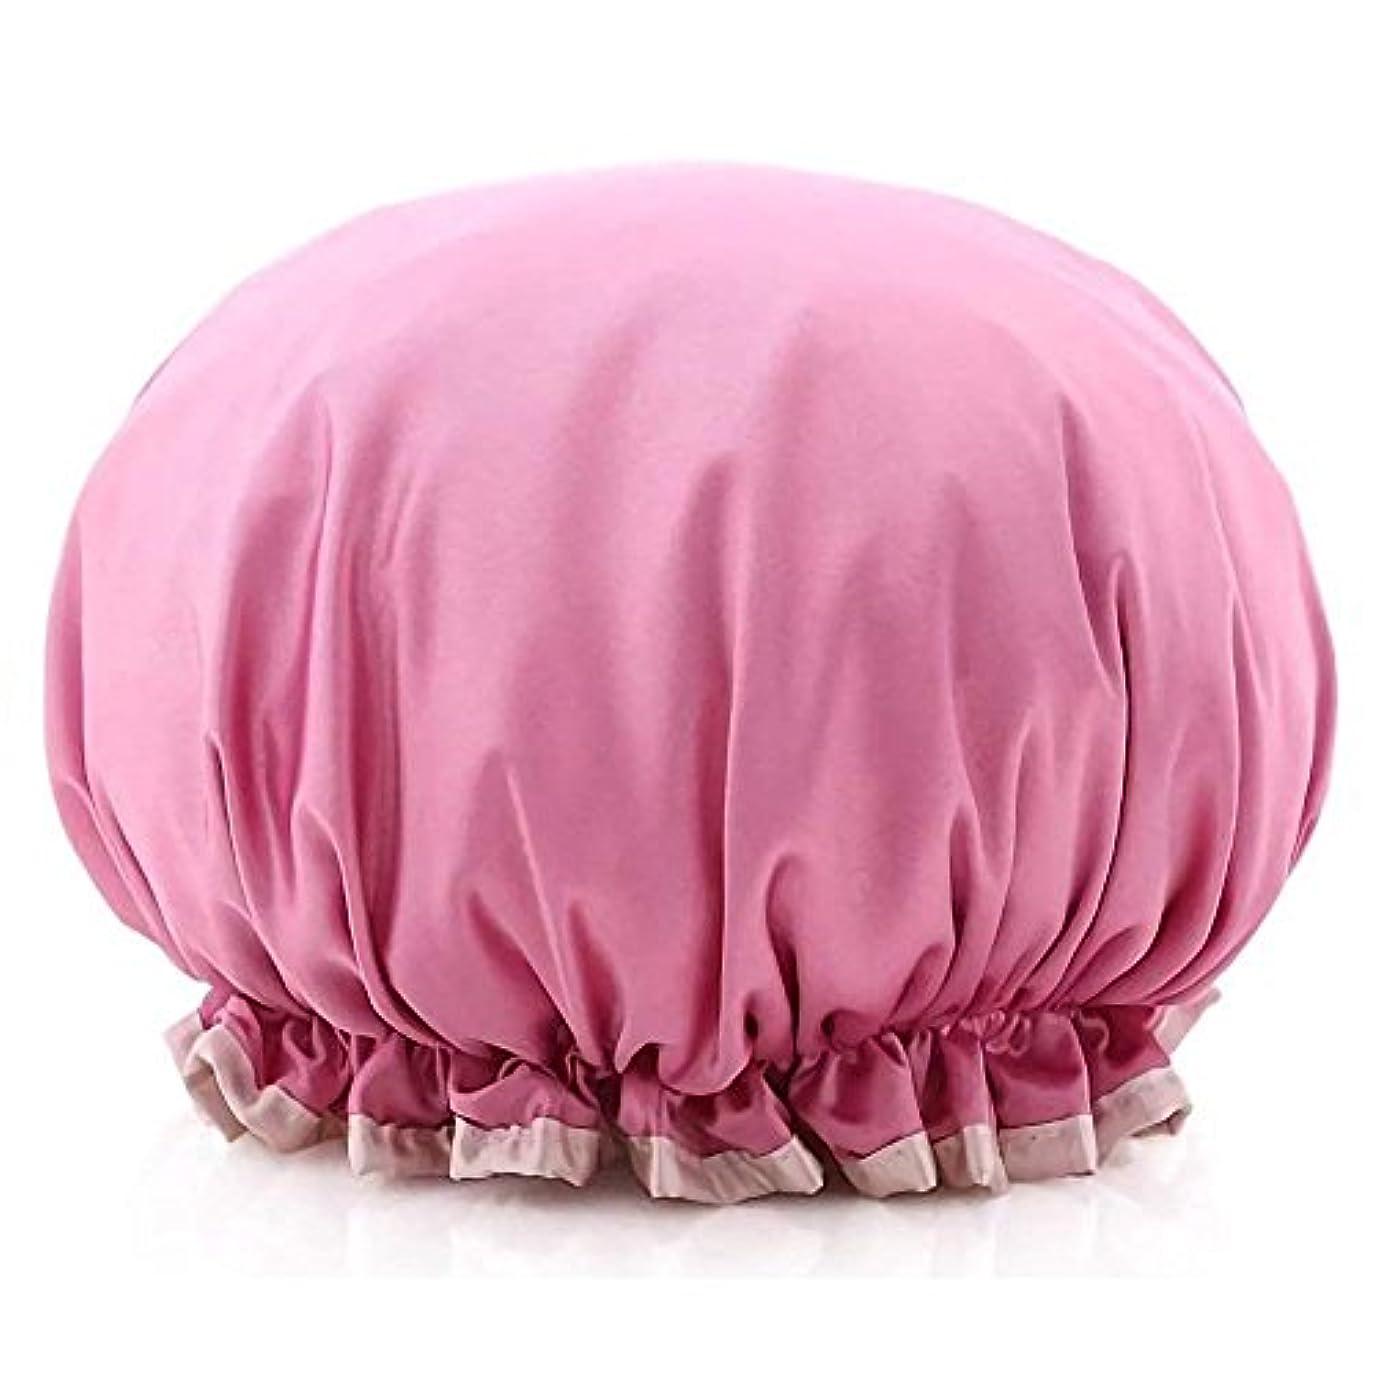 テレビを見る混合表示シャワーキャップ ヘアキャップ ヘアーターバン 防水シャワーキャップ お風呂、シャワー用に 浴用帽子 なサロンの髪を保護する帽子 (ピンク)